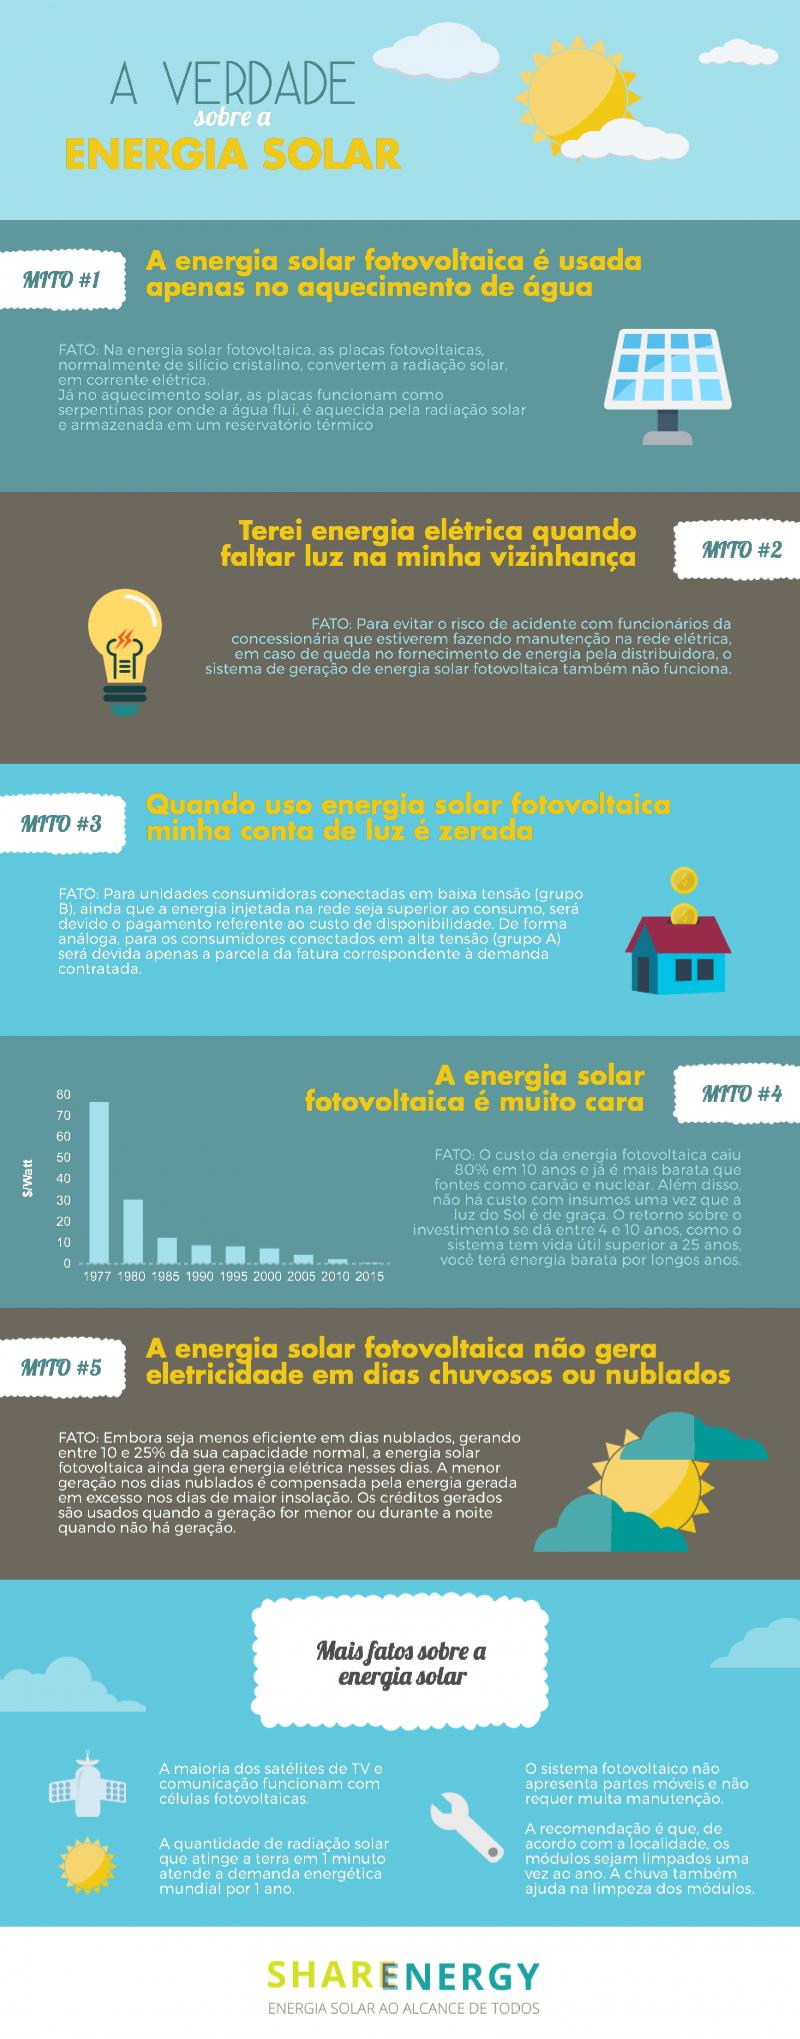 a verdade sobre a energia solar fotovoltaica